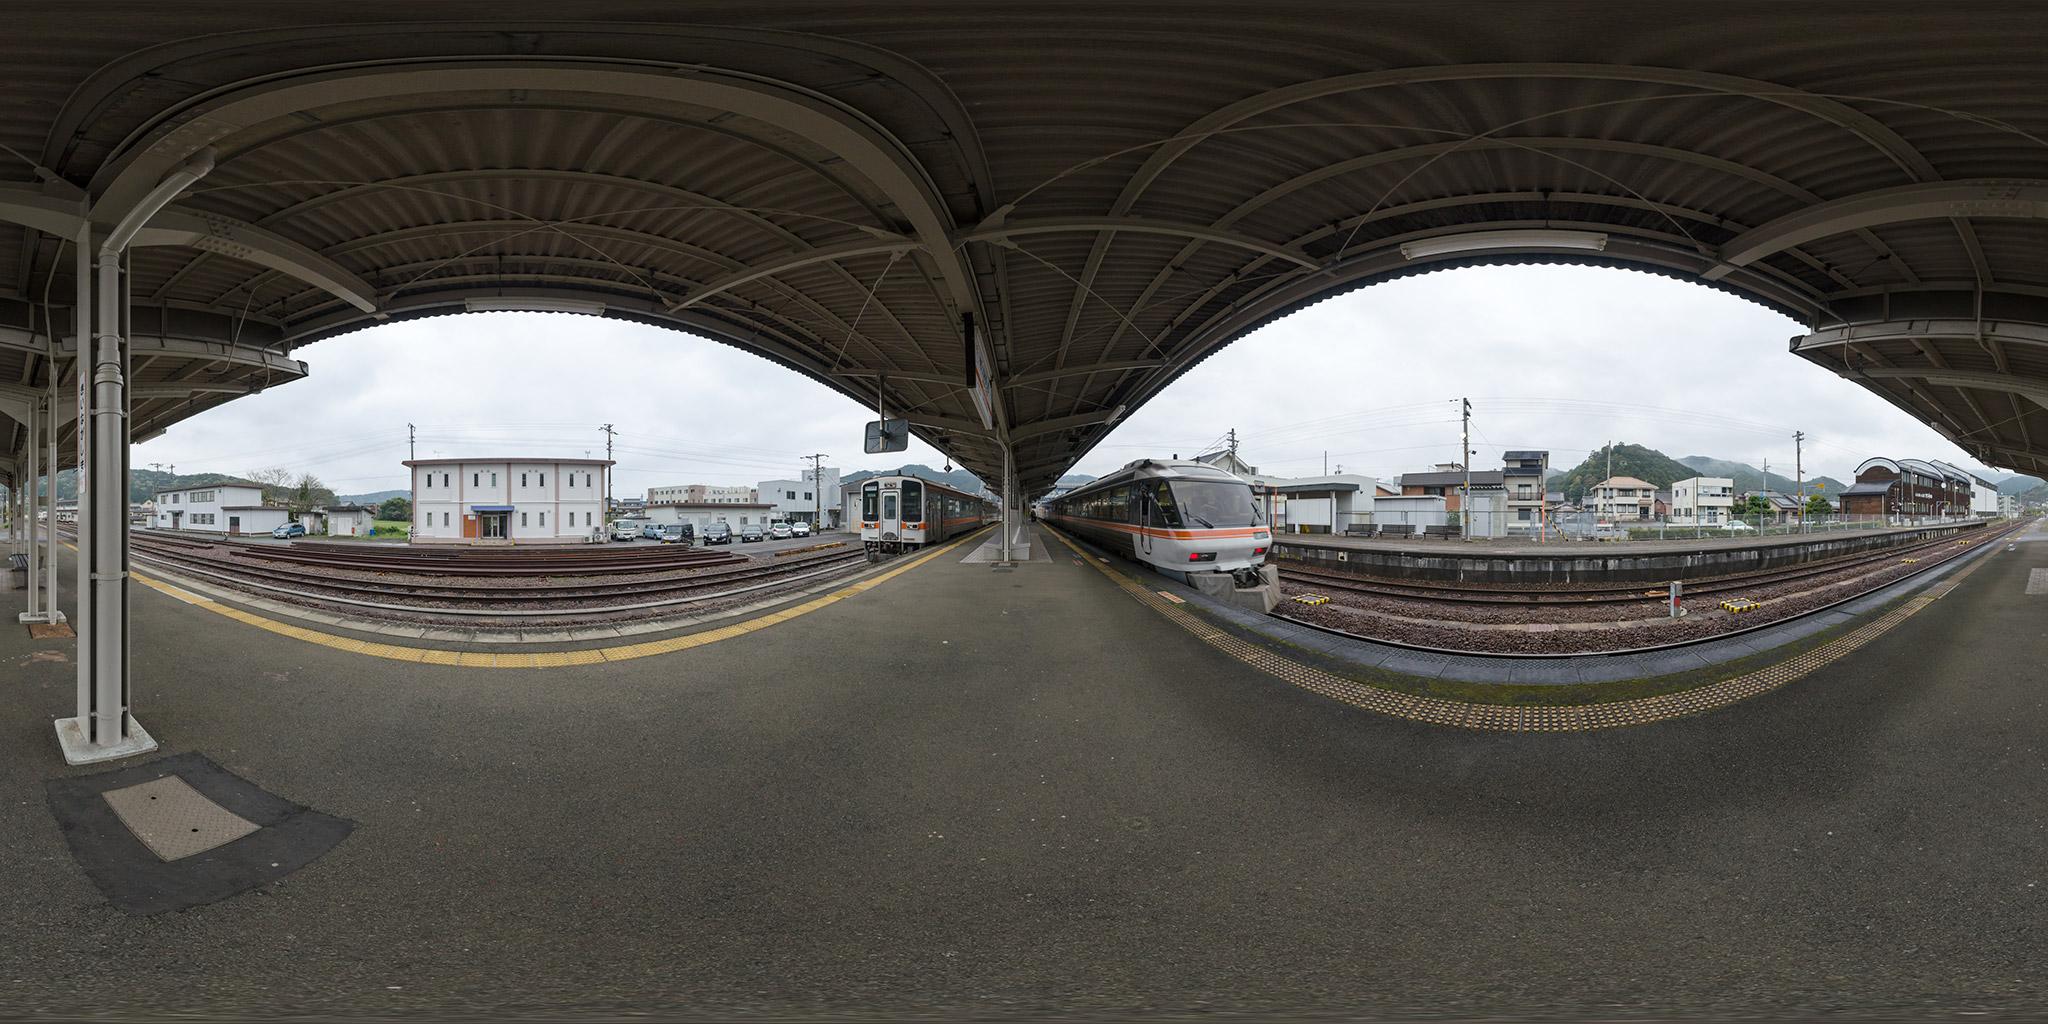 紀伊長島駅にてキハ85とキハ11